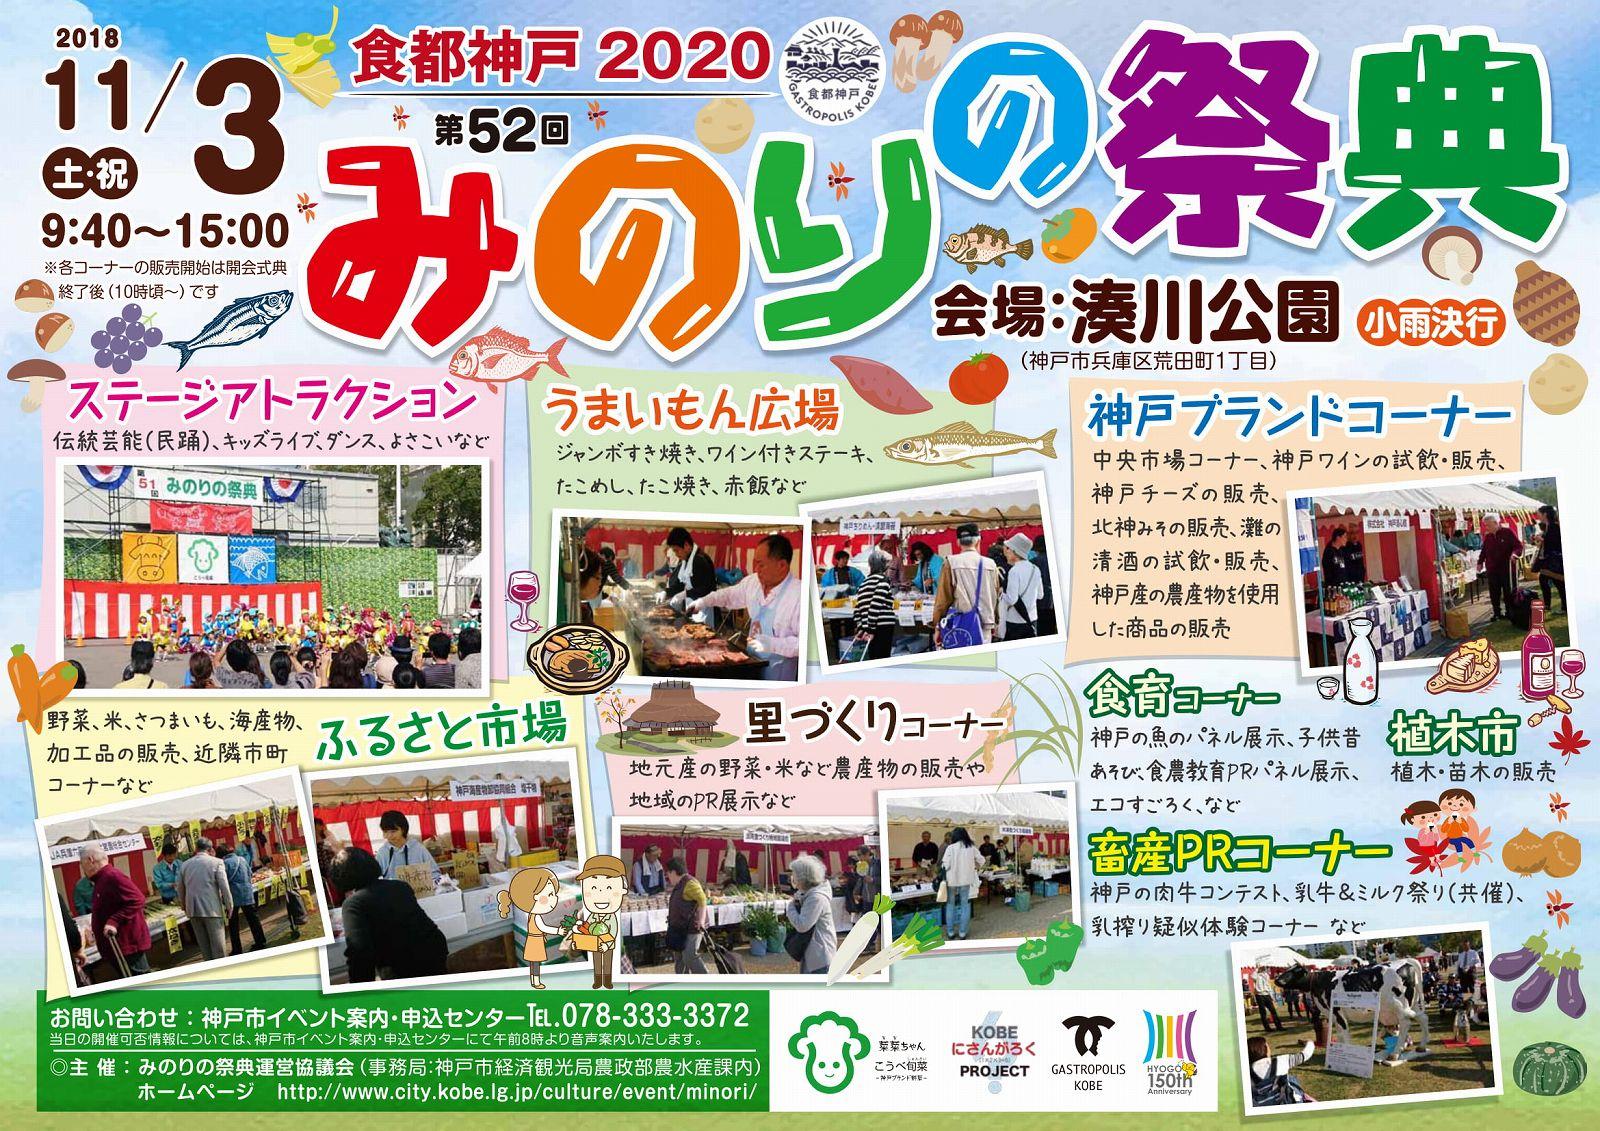 「第52回みのりの祭典」が11月3日(土)に湊川公園で開催されるよ! #みのりの祭典 #湊川公園 #収穫祭 #食のイベント #神戸ブランド #兵庫区